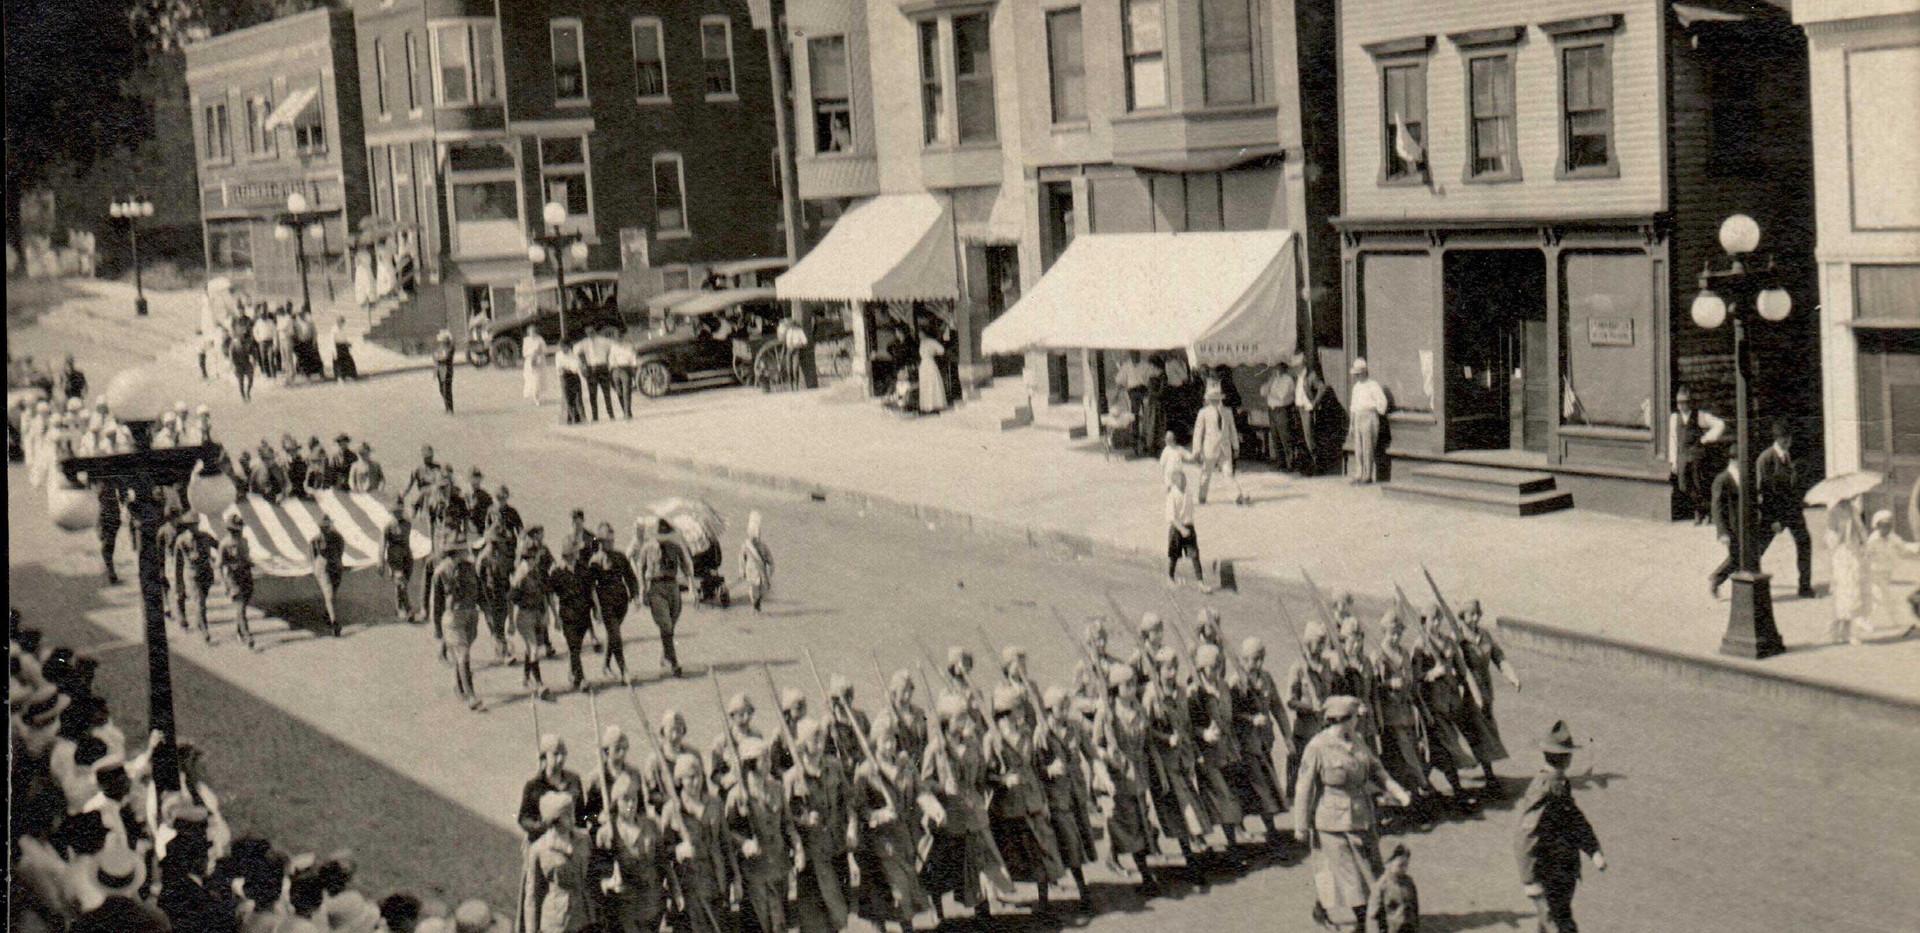 Parade_WW15.jpg